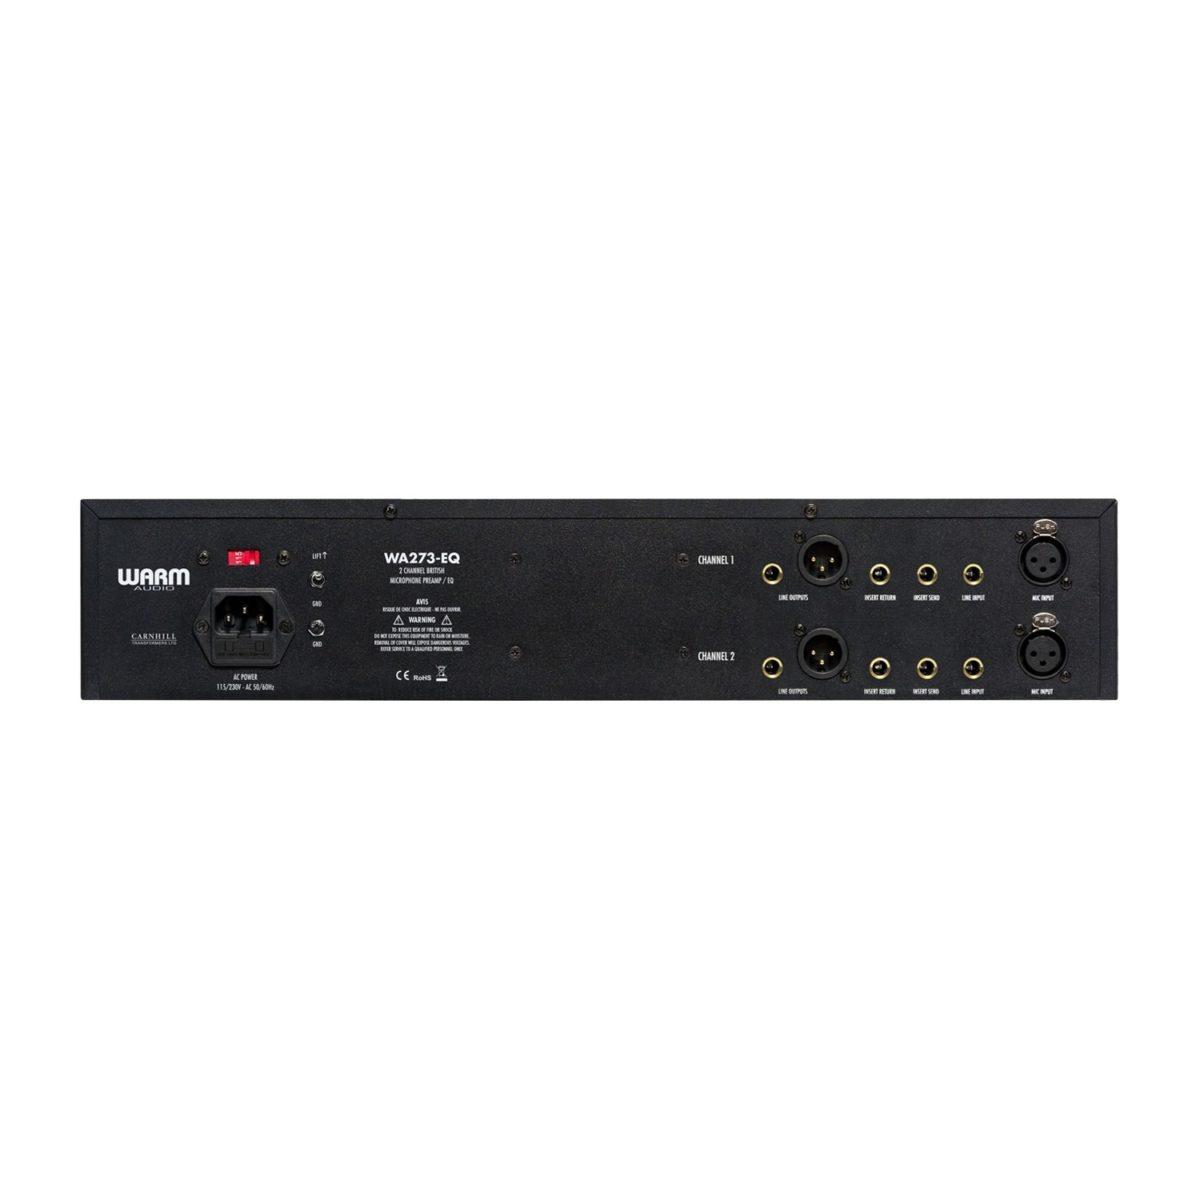 ปรีไมค์พร้อมอีควอไลเซอร์ ยี่ห้อ Warm Audio รุ่น WA273-EQ